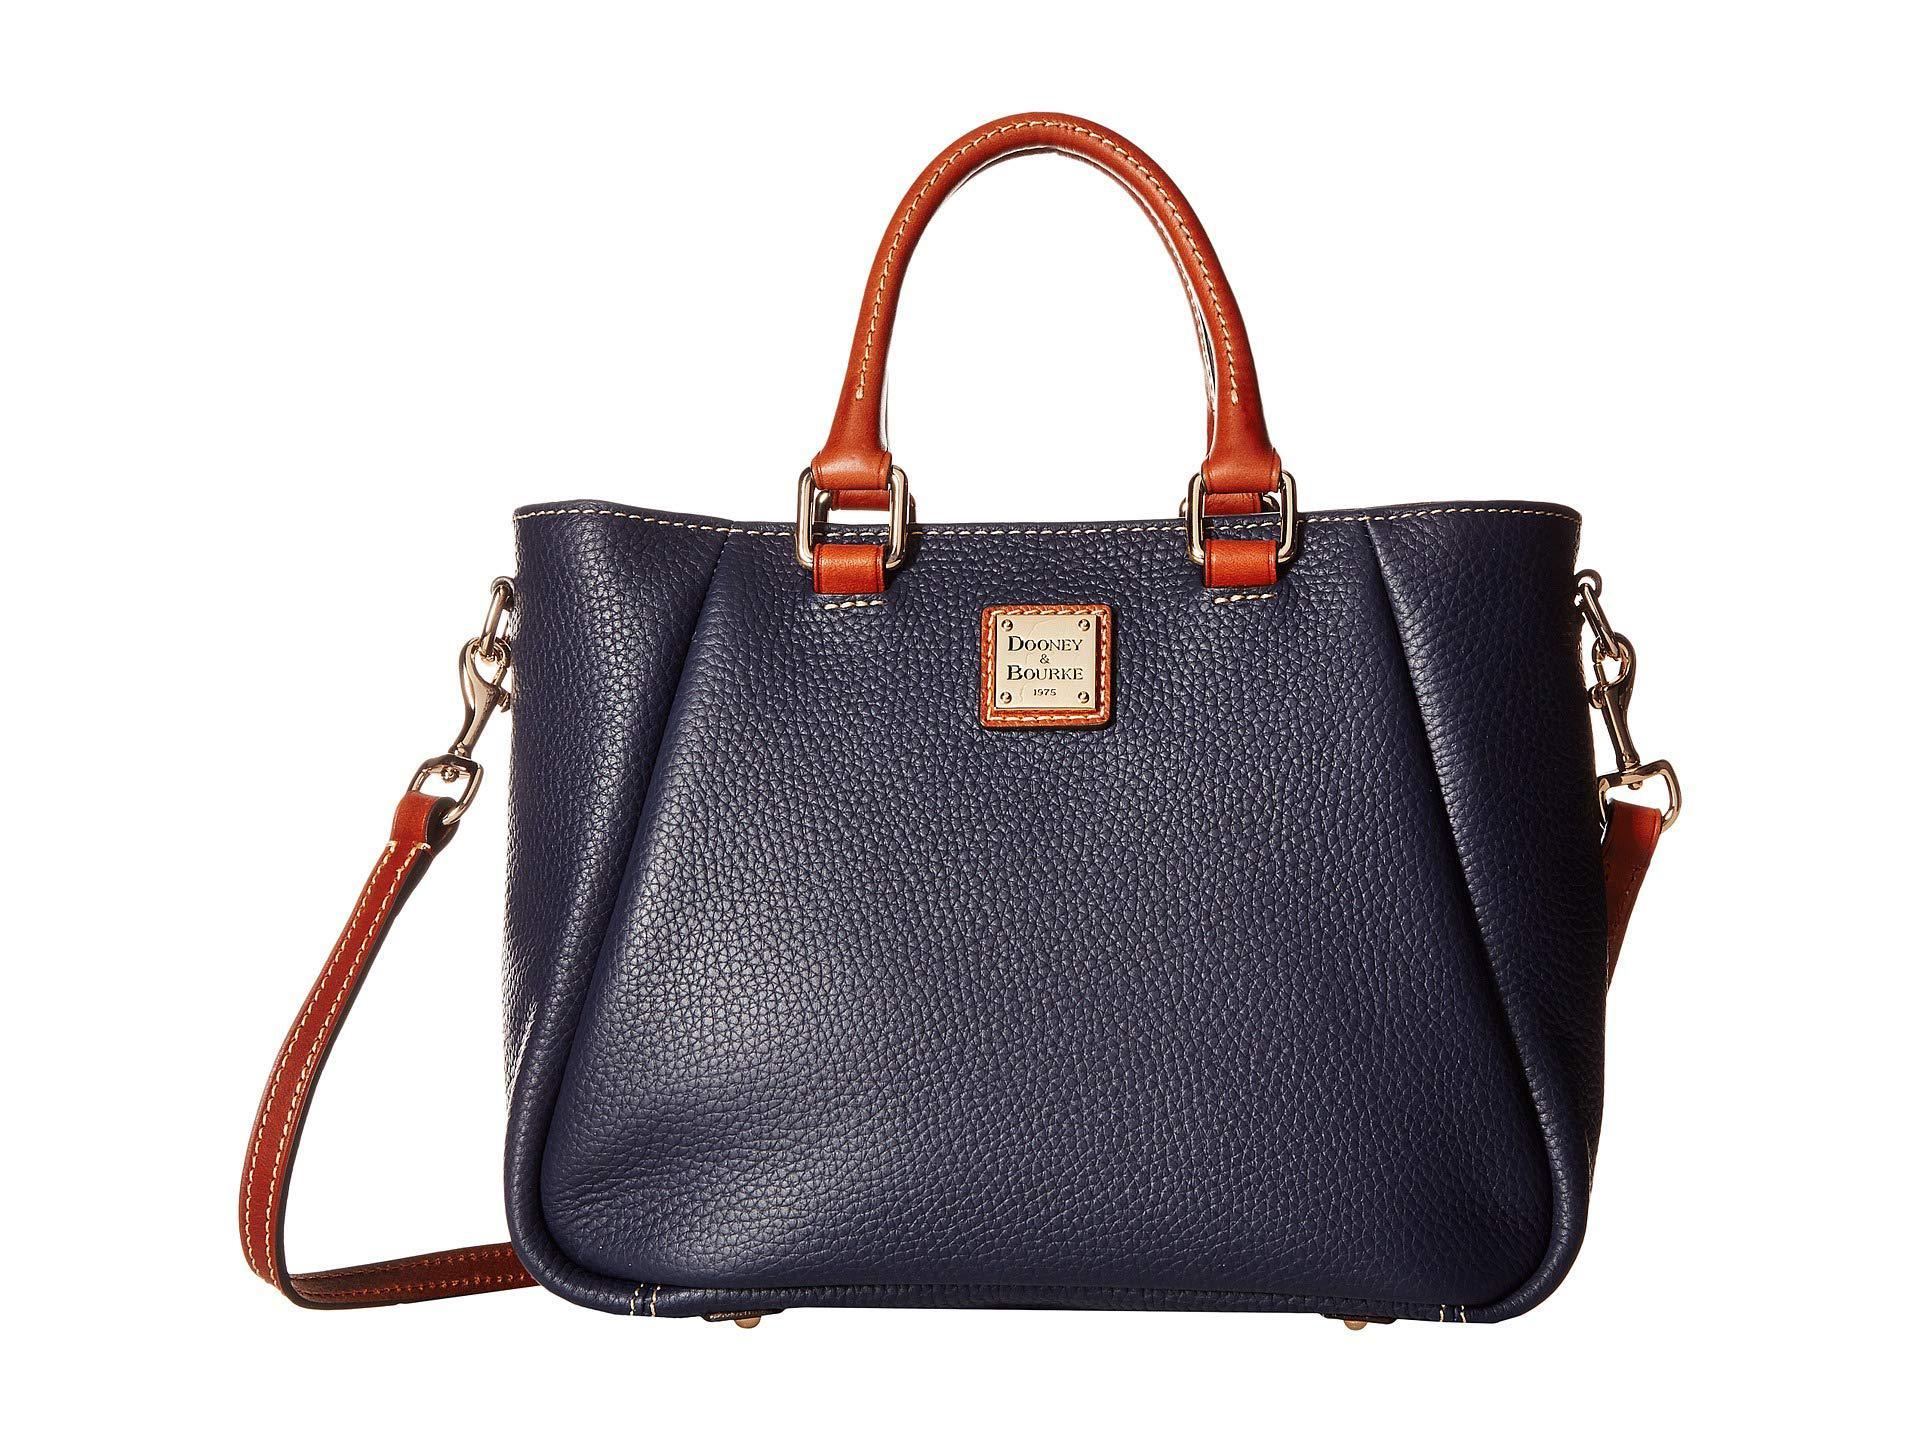 842040944a Dooney   Bourke. Women s Blue Pebble Small Top Zip Satchel (chocolate tan  Trim) Satchel Handbags